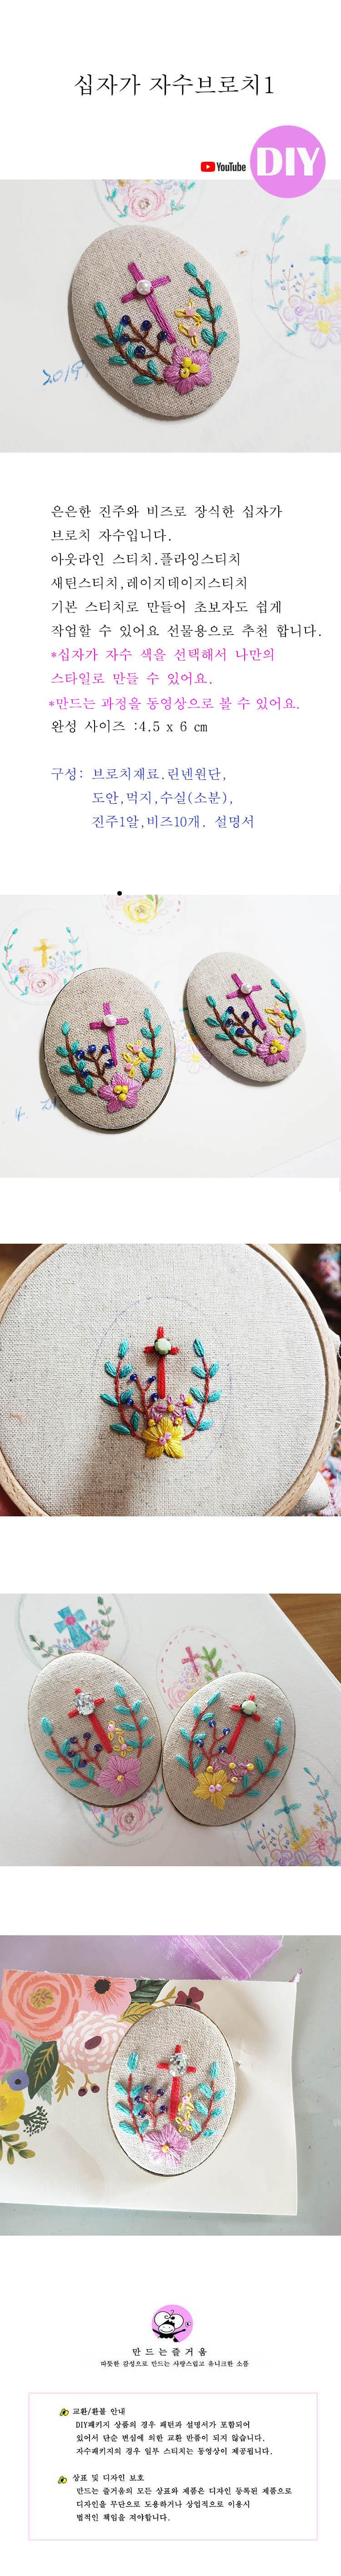 프랑스자수 십자가  브로치 diy패키지 - 만드는즐거움, 19,000원, 퀼트/원단공예, 패브릭아트 패키지